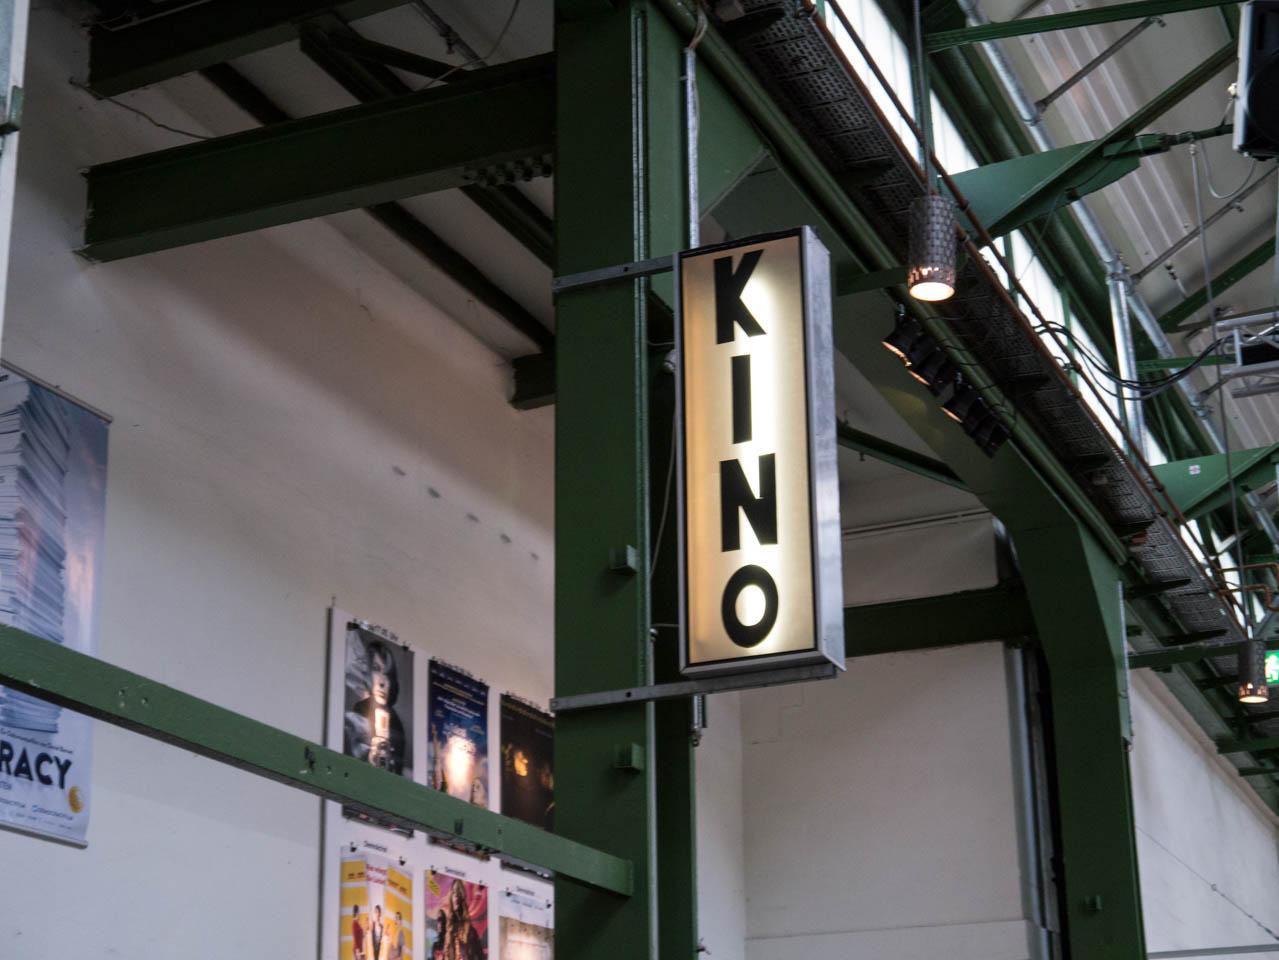 Kino im Depot (1 von 1)